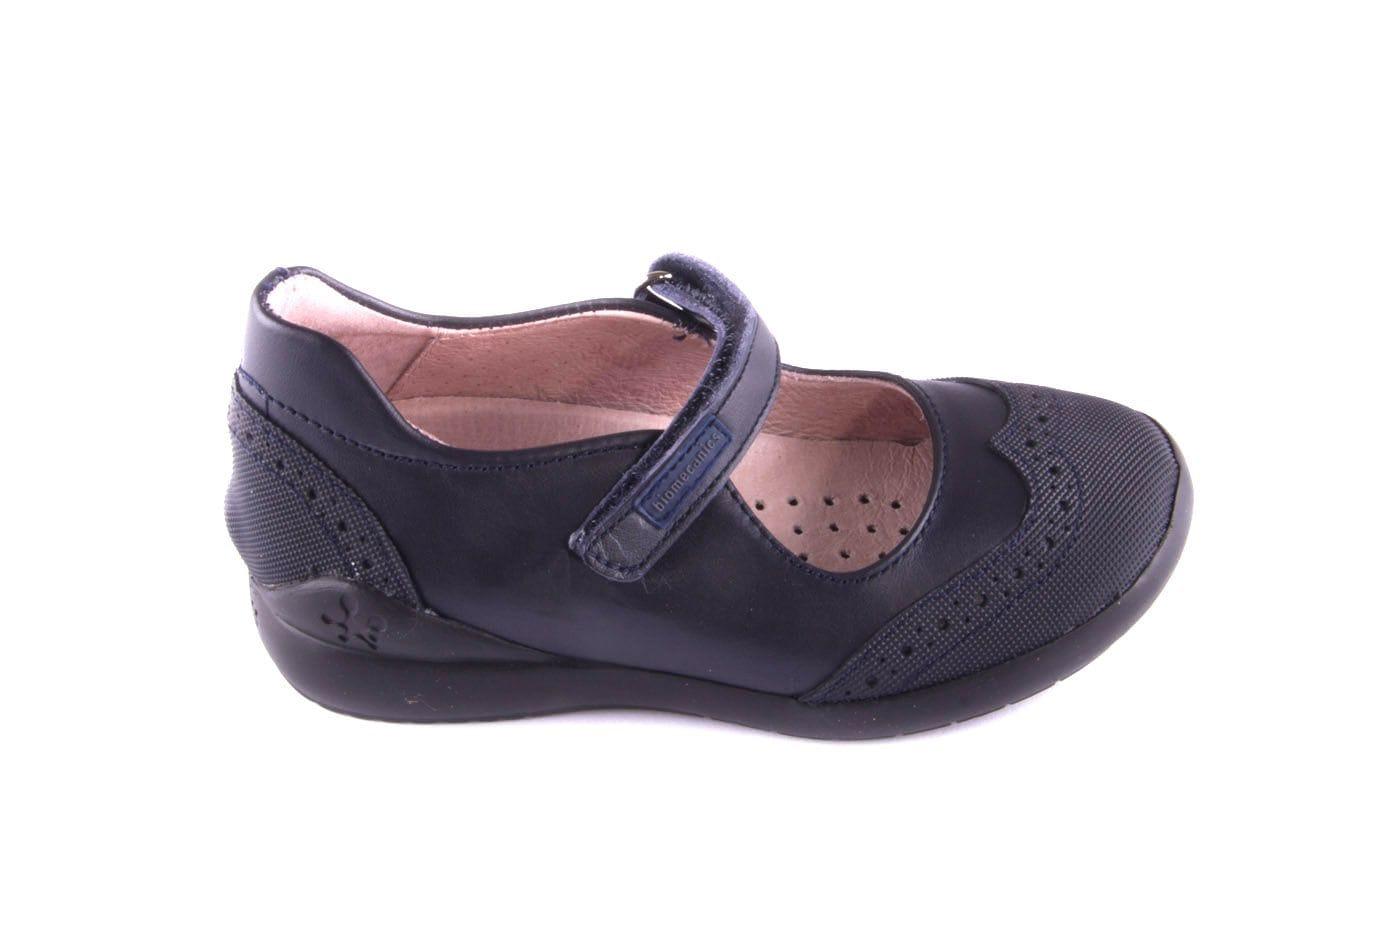 e3b61308d1c Comprar zapato tipo JOVEN NIÑA estilo MERCEDES COLOR AZUL PIEL ...